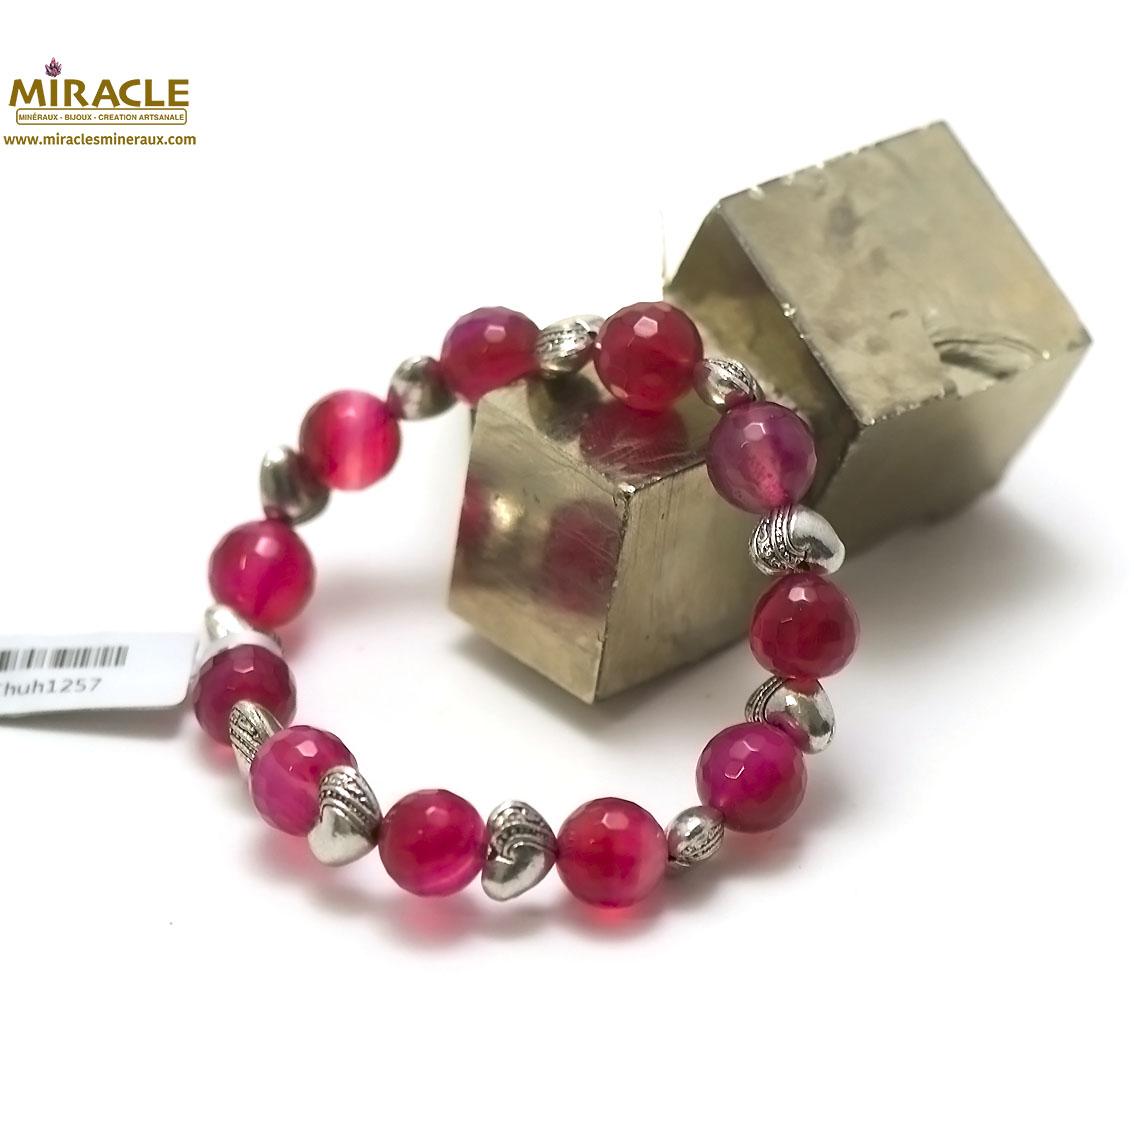 Bracelet agate fuschia ronde 10 mm -perle argenté